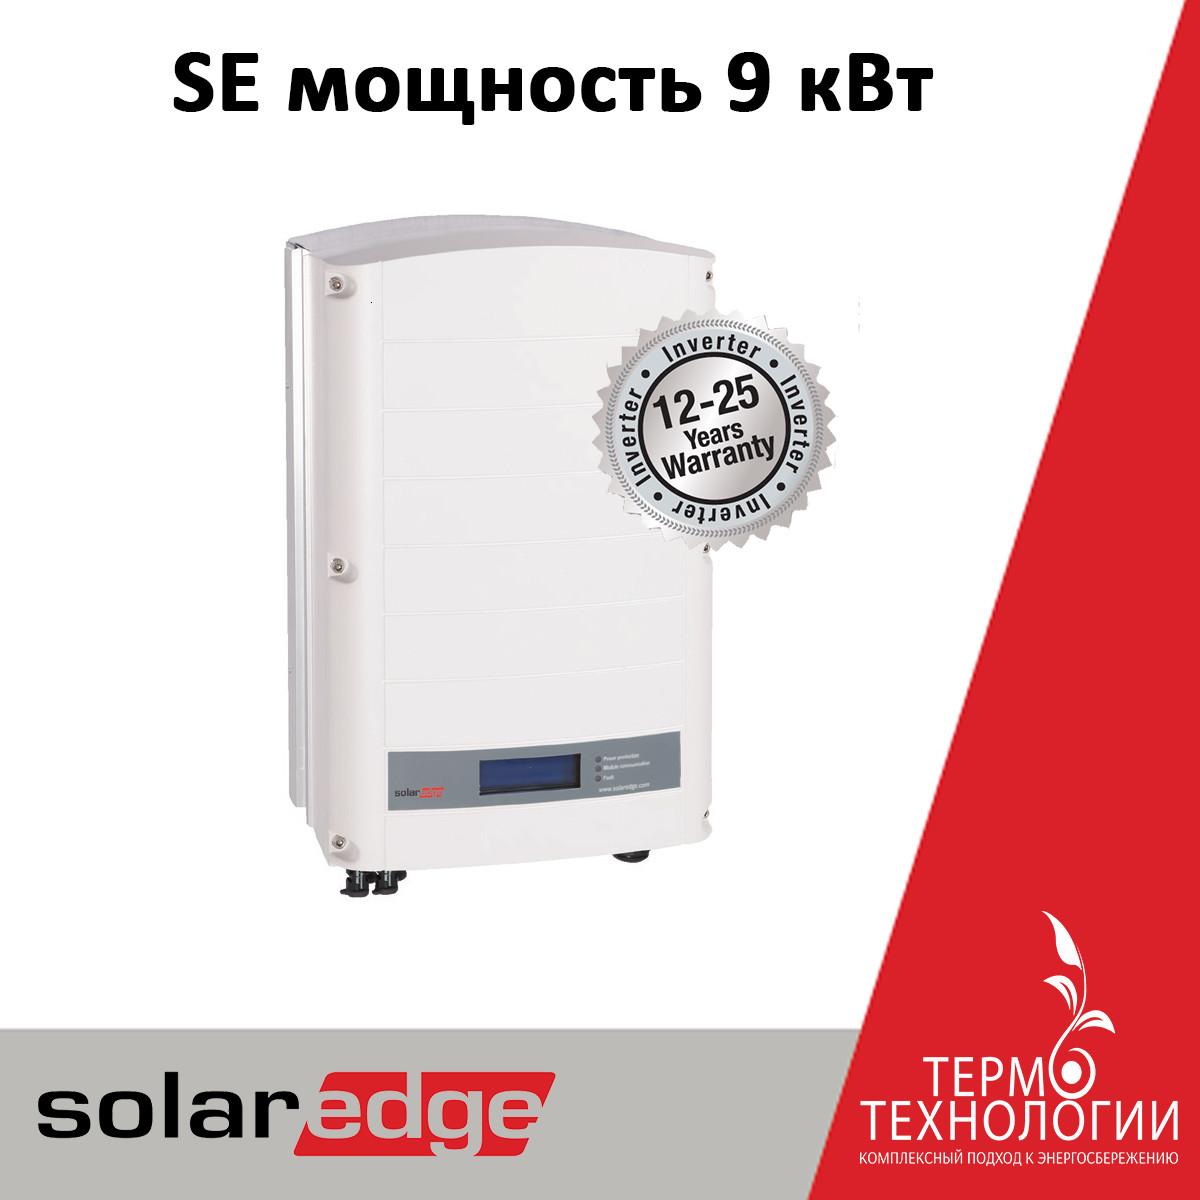 Солнечный инвертор сетевой SolarEdge 9 кВт, 3Ф